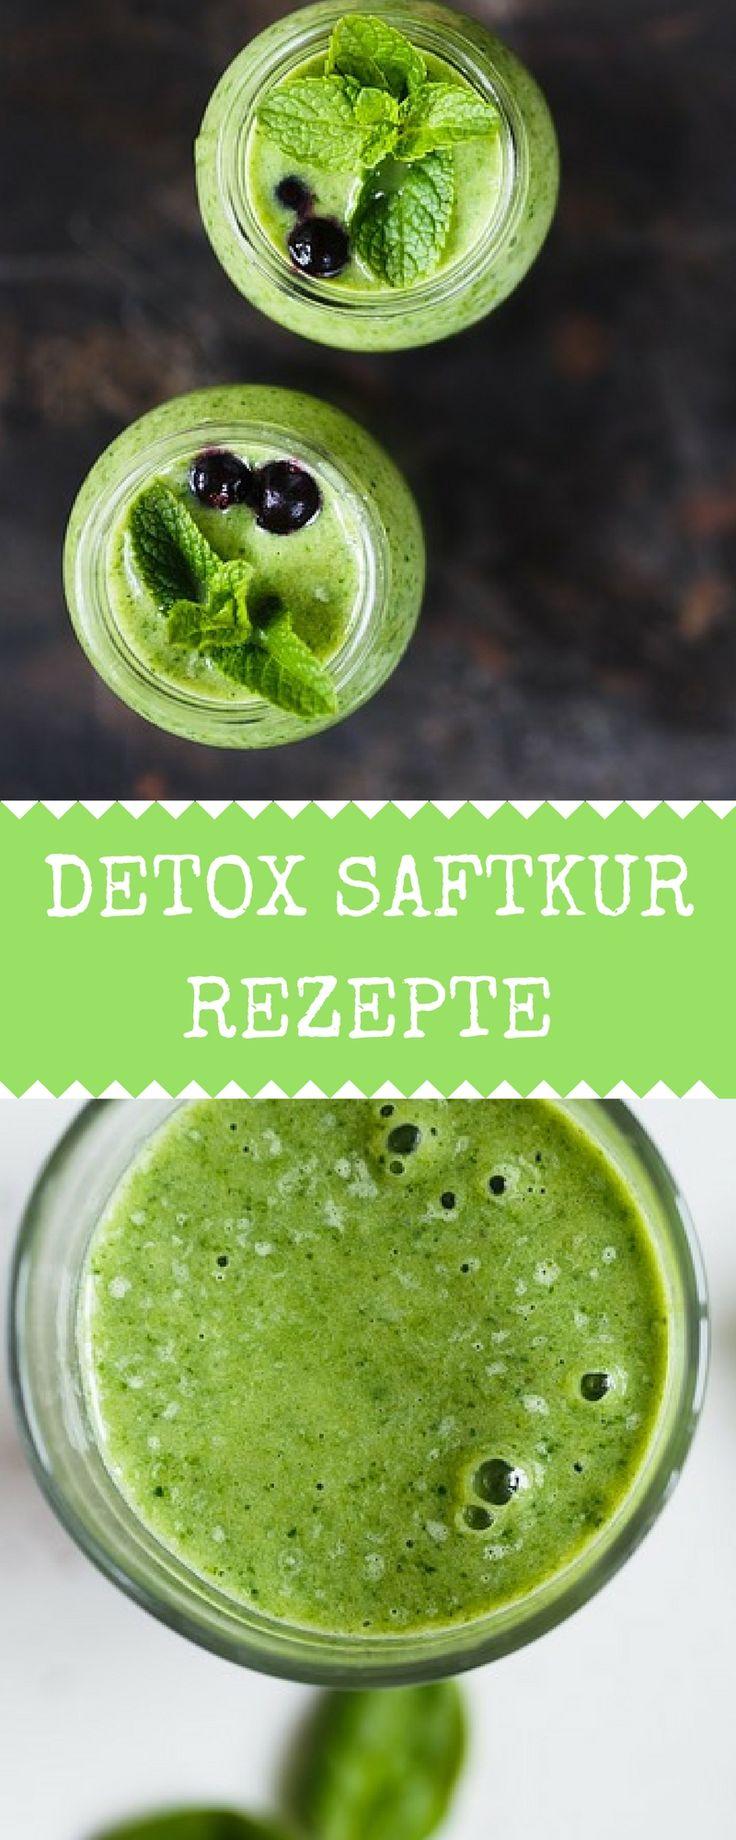 Detox Saftkur Rezepte zum Entgiften, gesund werden und abnehmen. Mit diesen 5 Saft Rezepten wirst du dich gesünder und wohler fühlen.http://entsafter-kaufen.info/detox-saftkur-rezepte/  Saftfasten, Rezepte für grüne Säfte, abnehmen mit grünen Säften, Detox Saftkur, Entsafter Rezepte, Rezept grüne Säfte